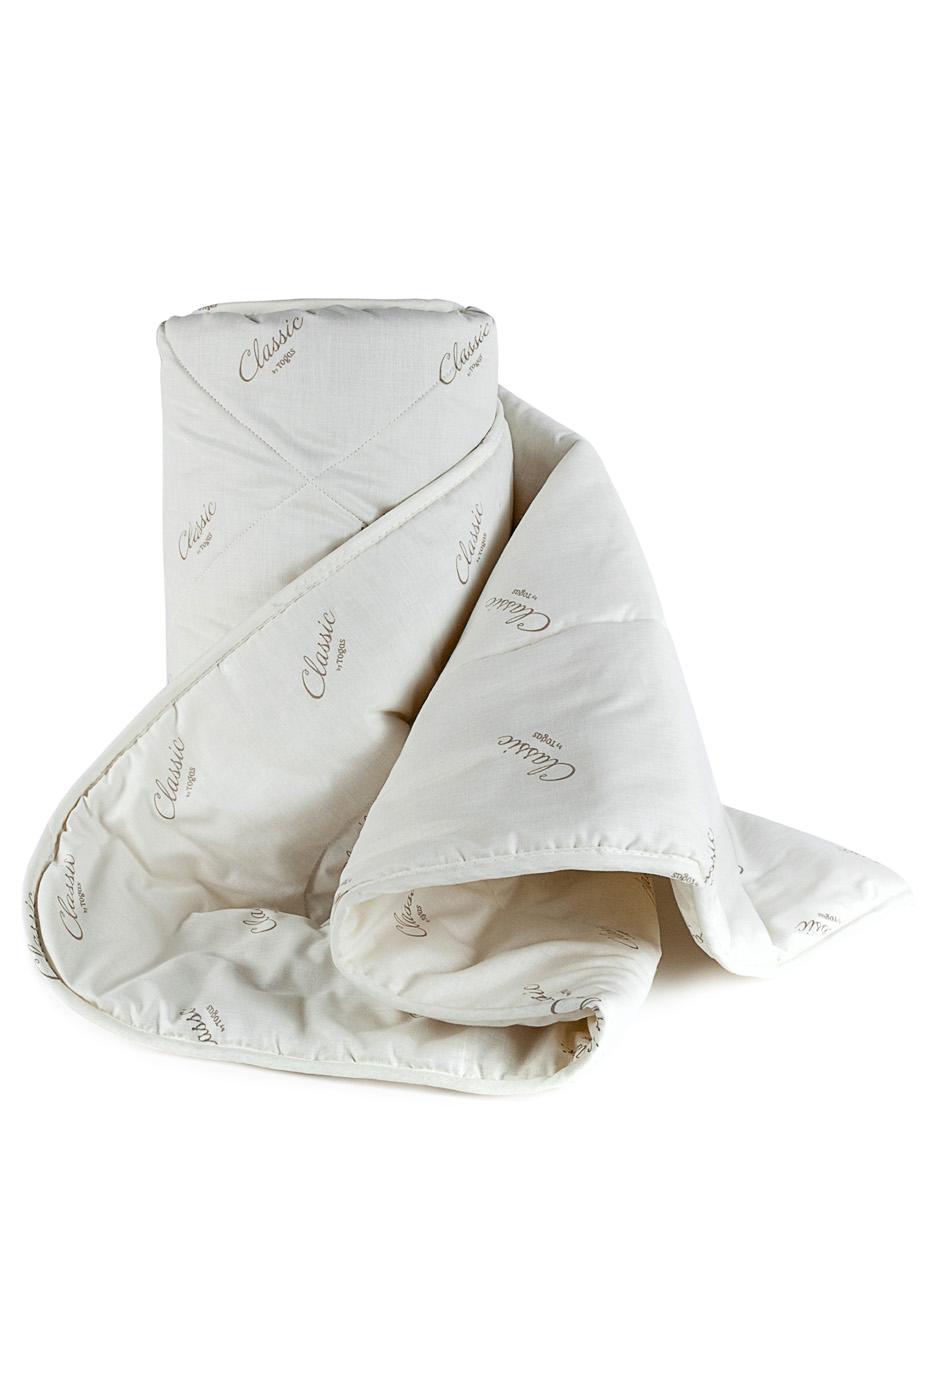 цены  Одеяла CLASSIC by T Одеяло Кашемир-Натурэль Всесезонное (200х210 см)